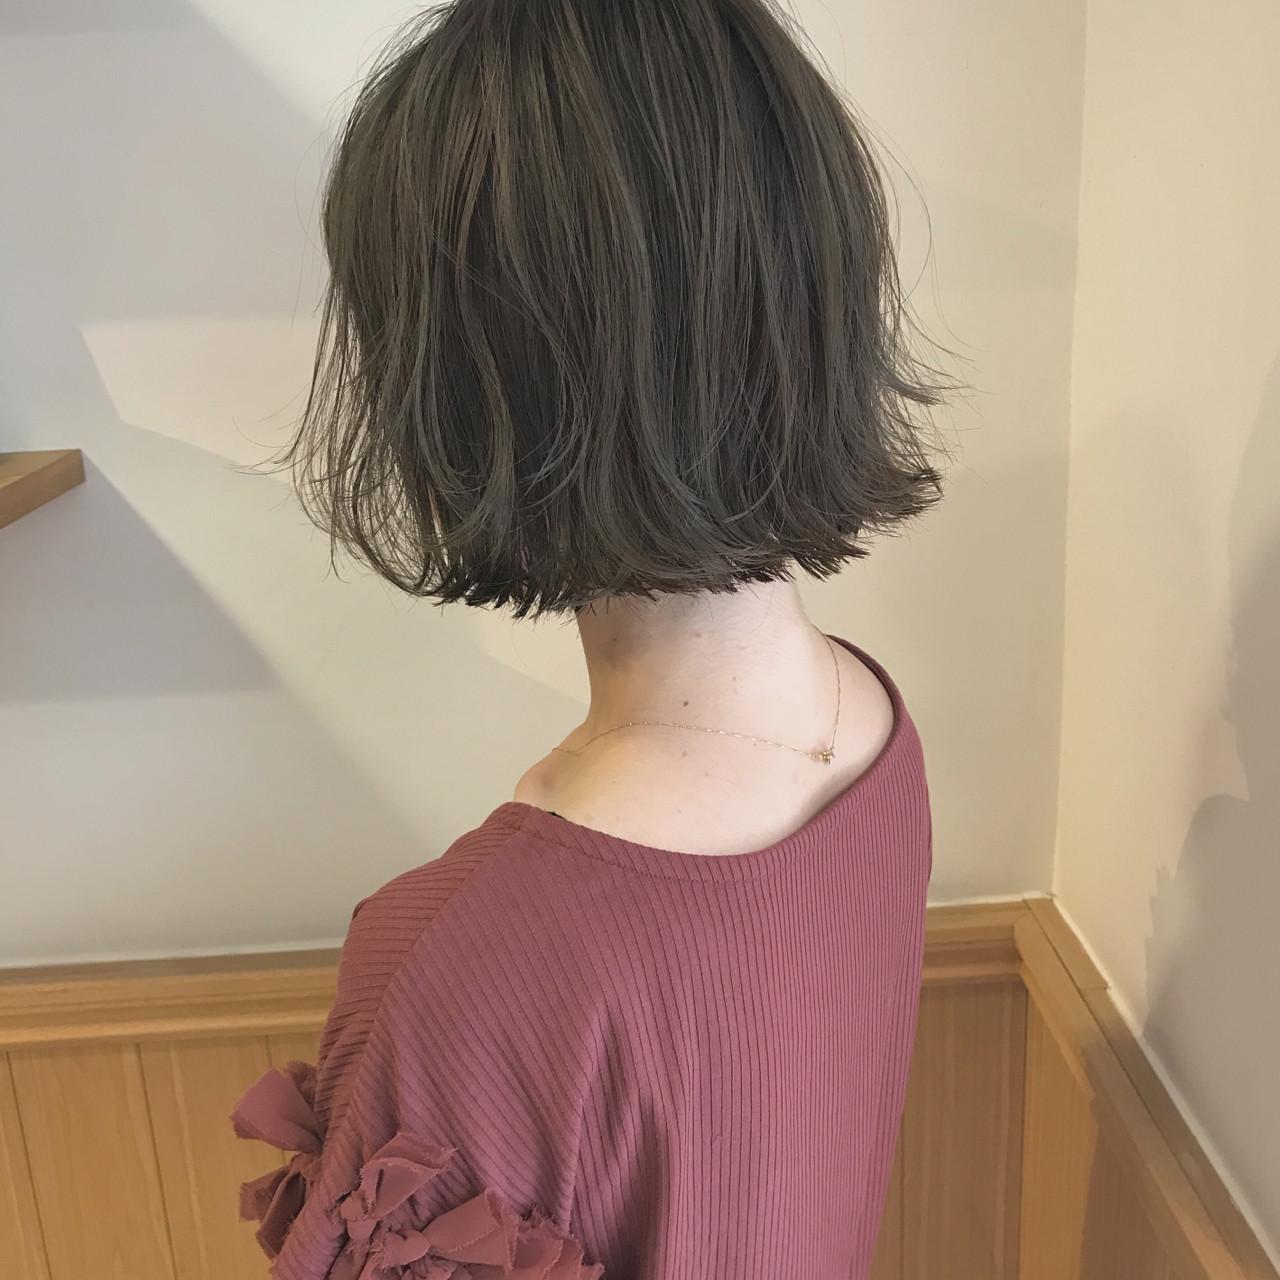 透明感 ロブ 秋 切りっぱなし ヘアスタイルや髪型の写真・画像